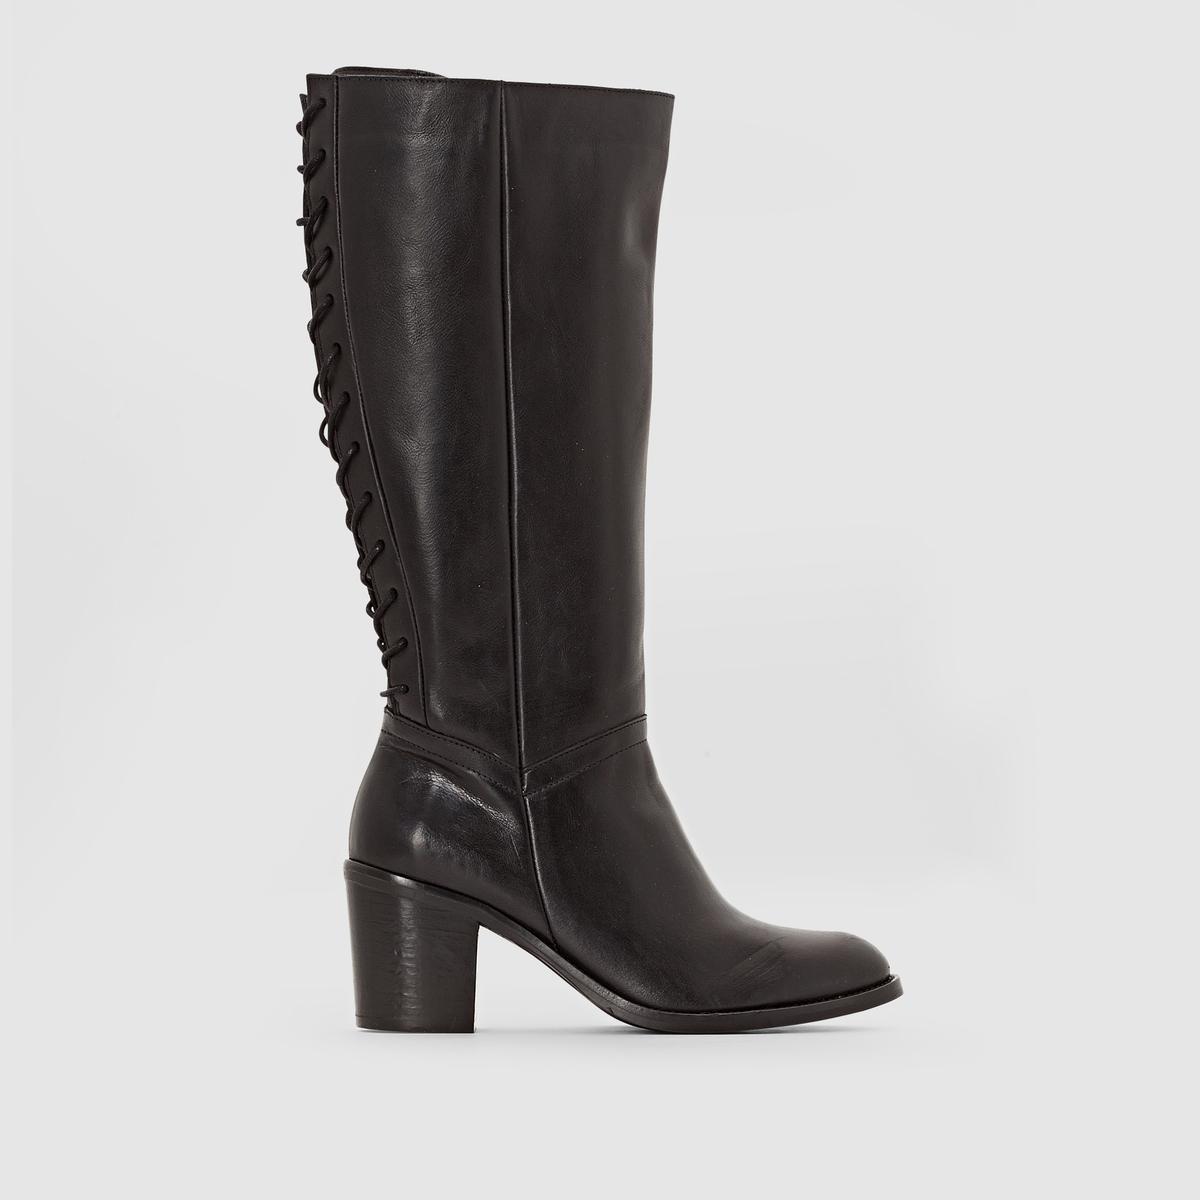 Сапоги кожаные на шнуровке сзади на широкую ногу, размеры 38-45